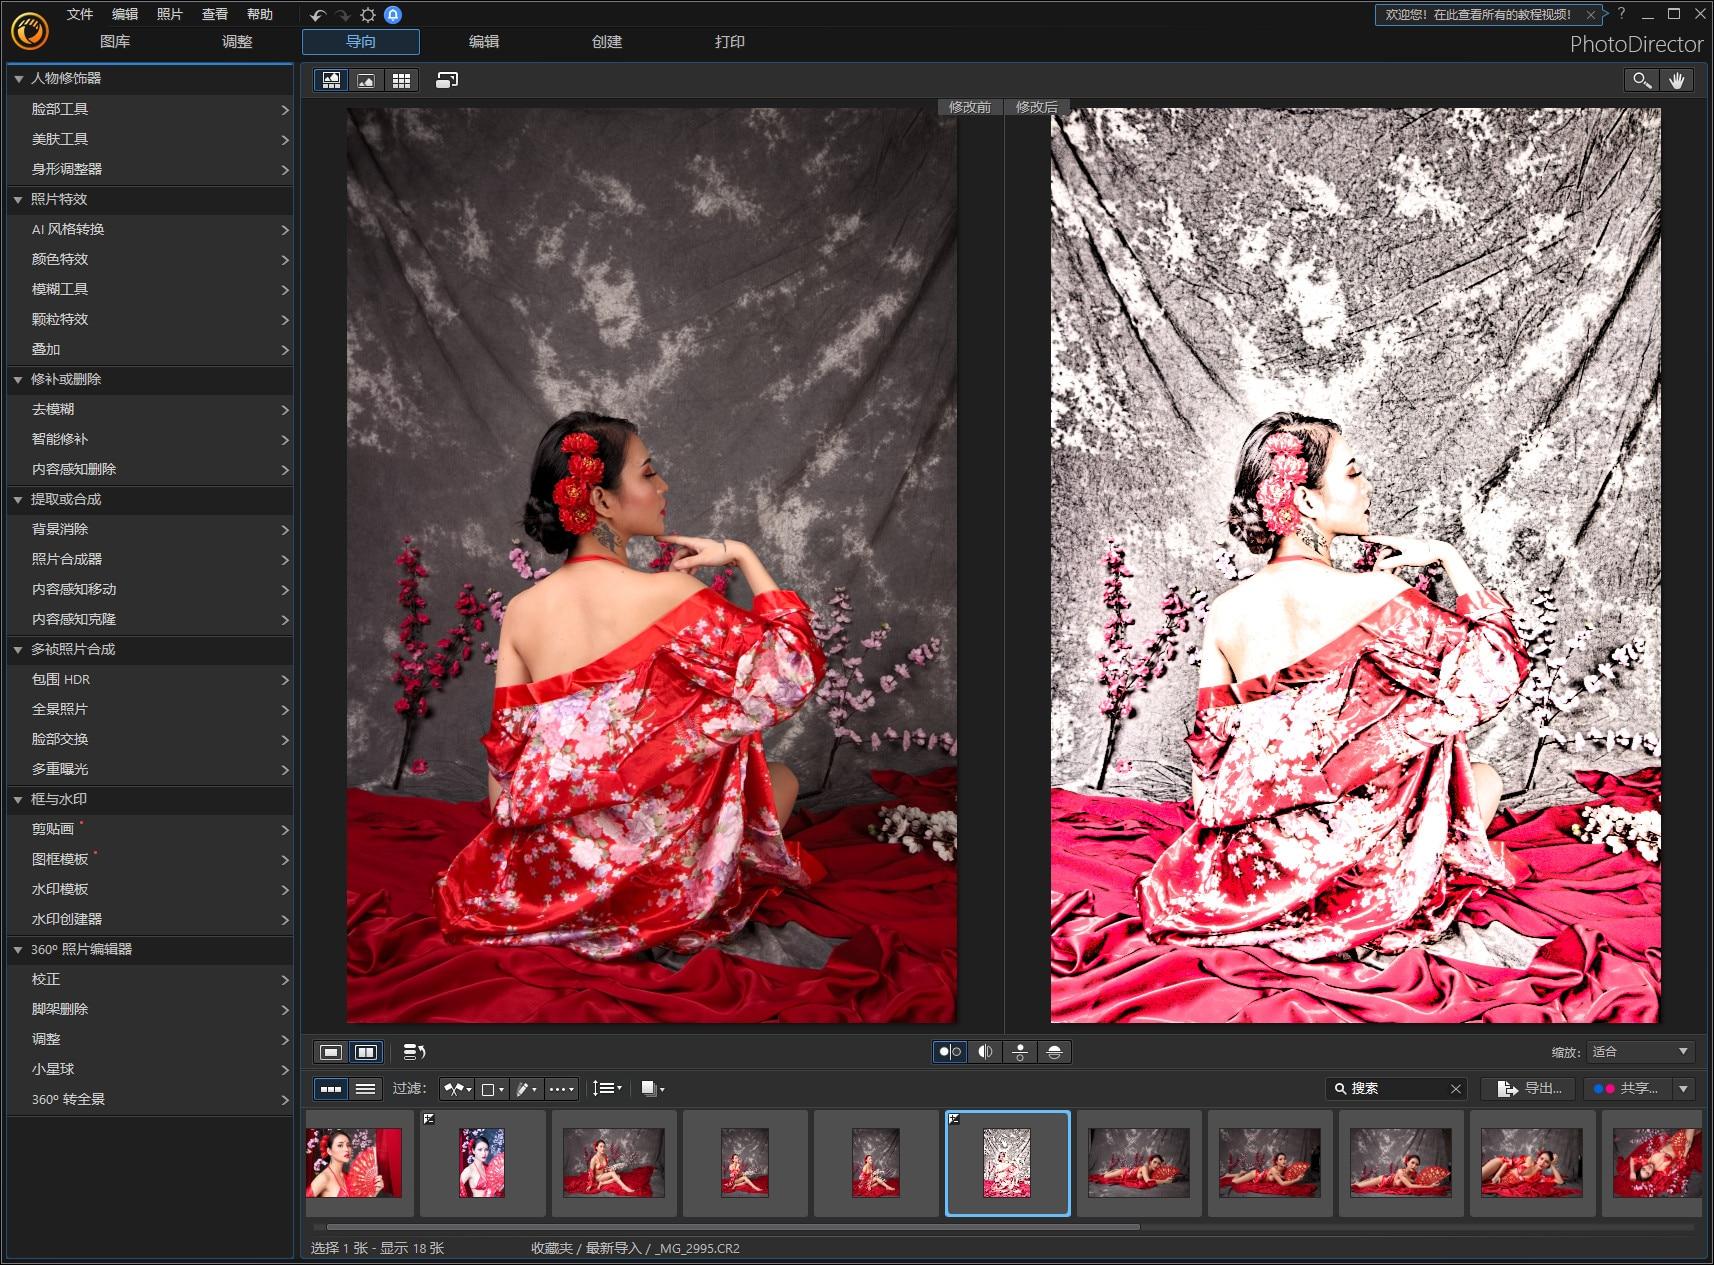 软件下载-讯连科技相片大师中文版CyberLink PhotoDirector Ultra 12.4.2819.0(3)